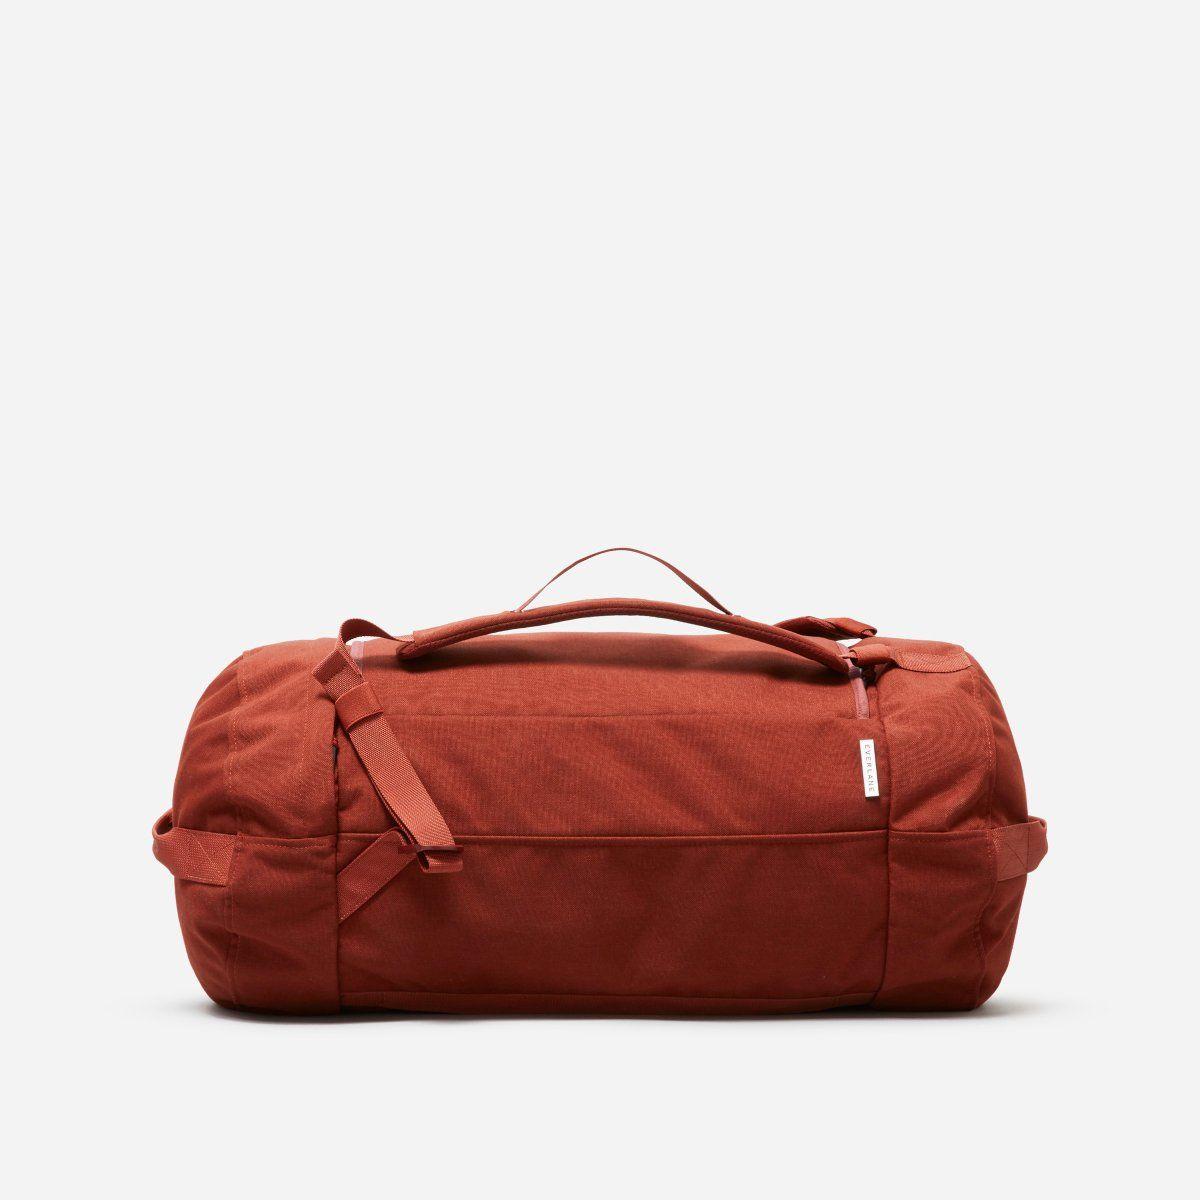 b07ef83ffc3edd Duffel   Backpack Weekender in Brick. Duffel   Backpack Weekender in Brick  Leather Crossbody Bag ...